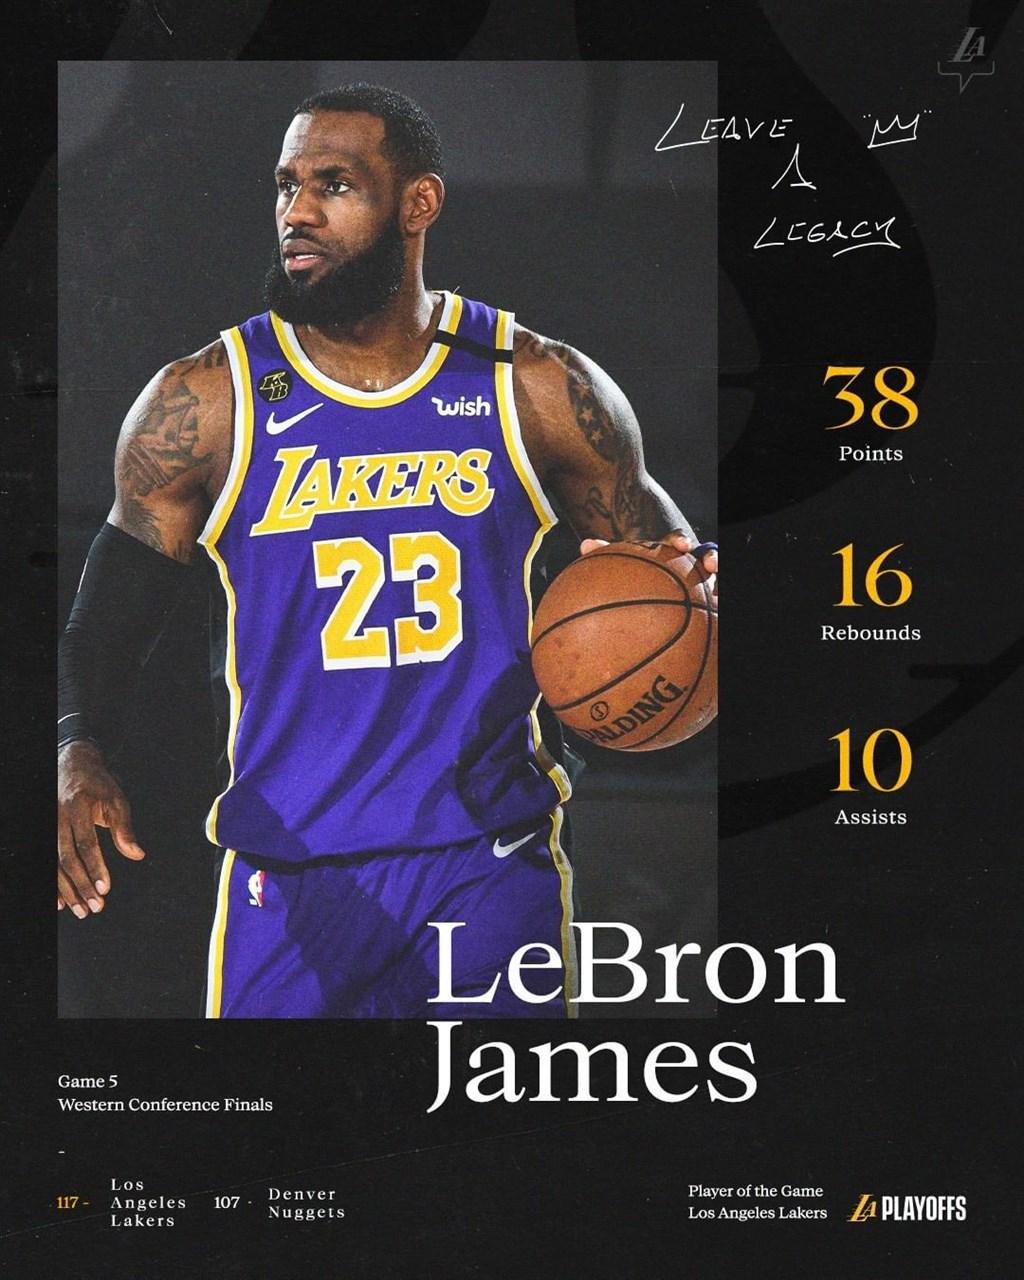 湖人球星詹姆斯27日(台灣時間)繳出38分、16籃板、10助攻,季後賽生涯第27次大三元,只差3次就追上排名第一的傳奇球星魔術強森。(圖取自instagram.com/lakers)